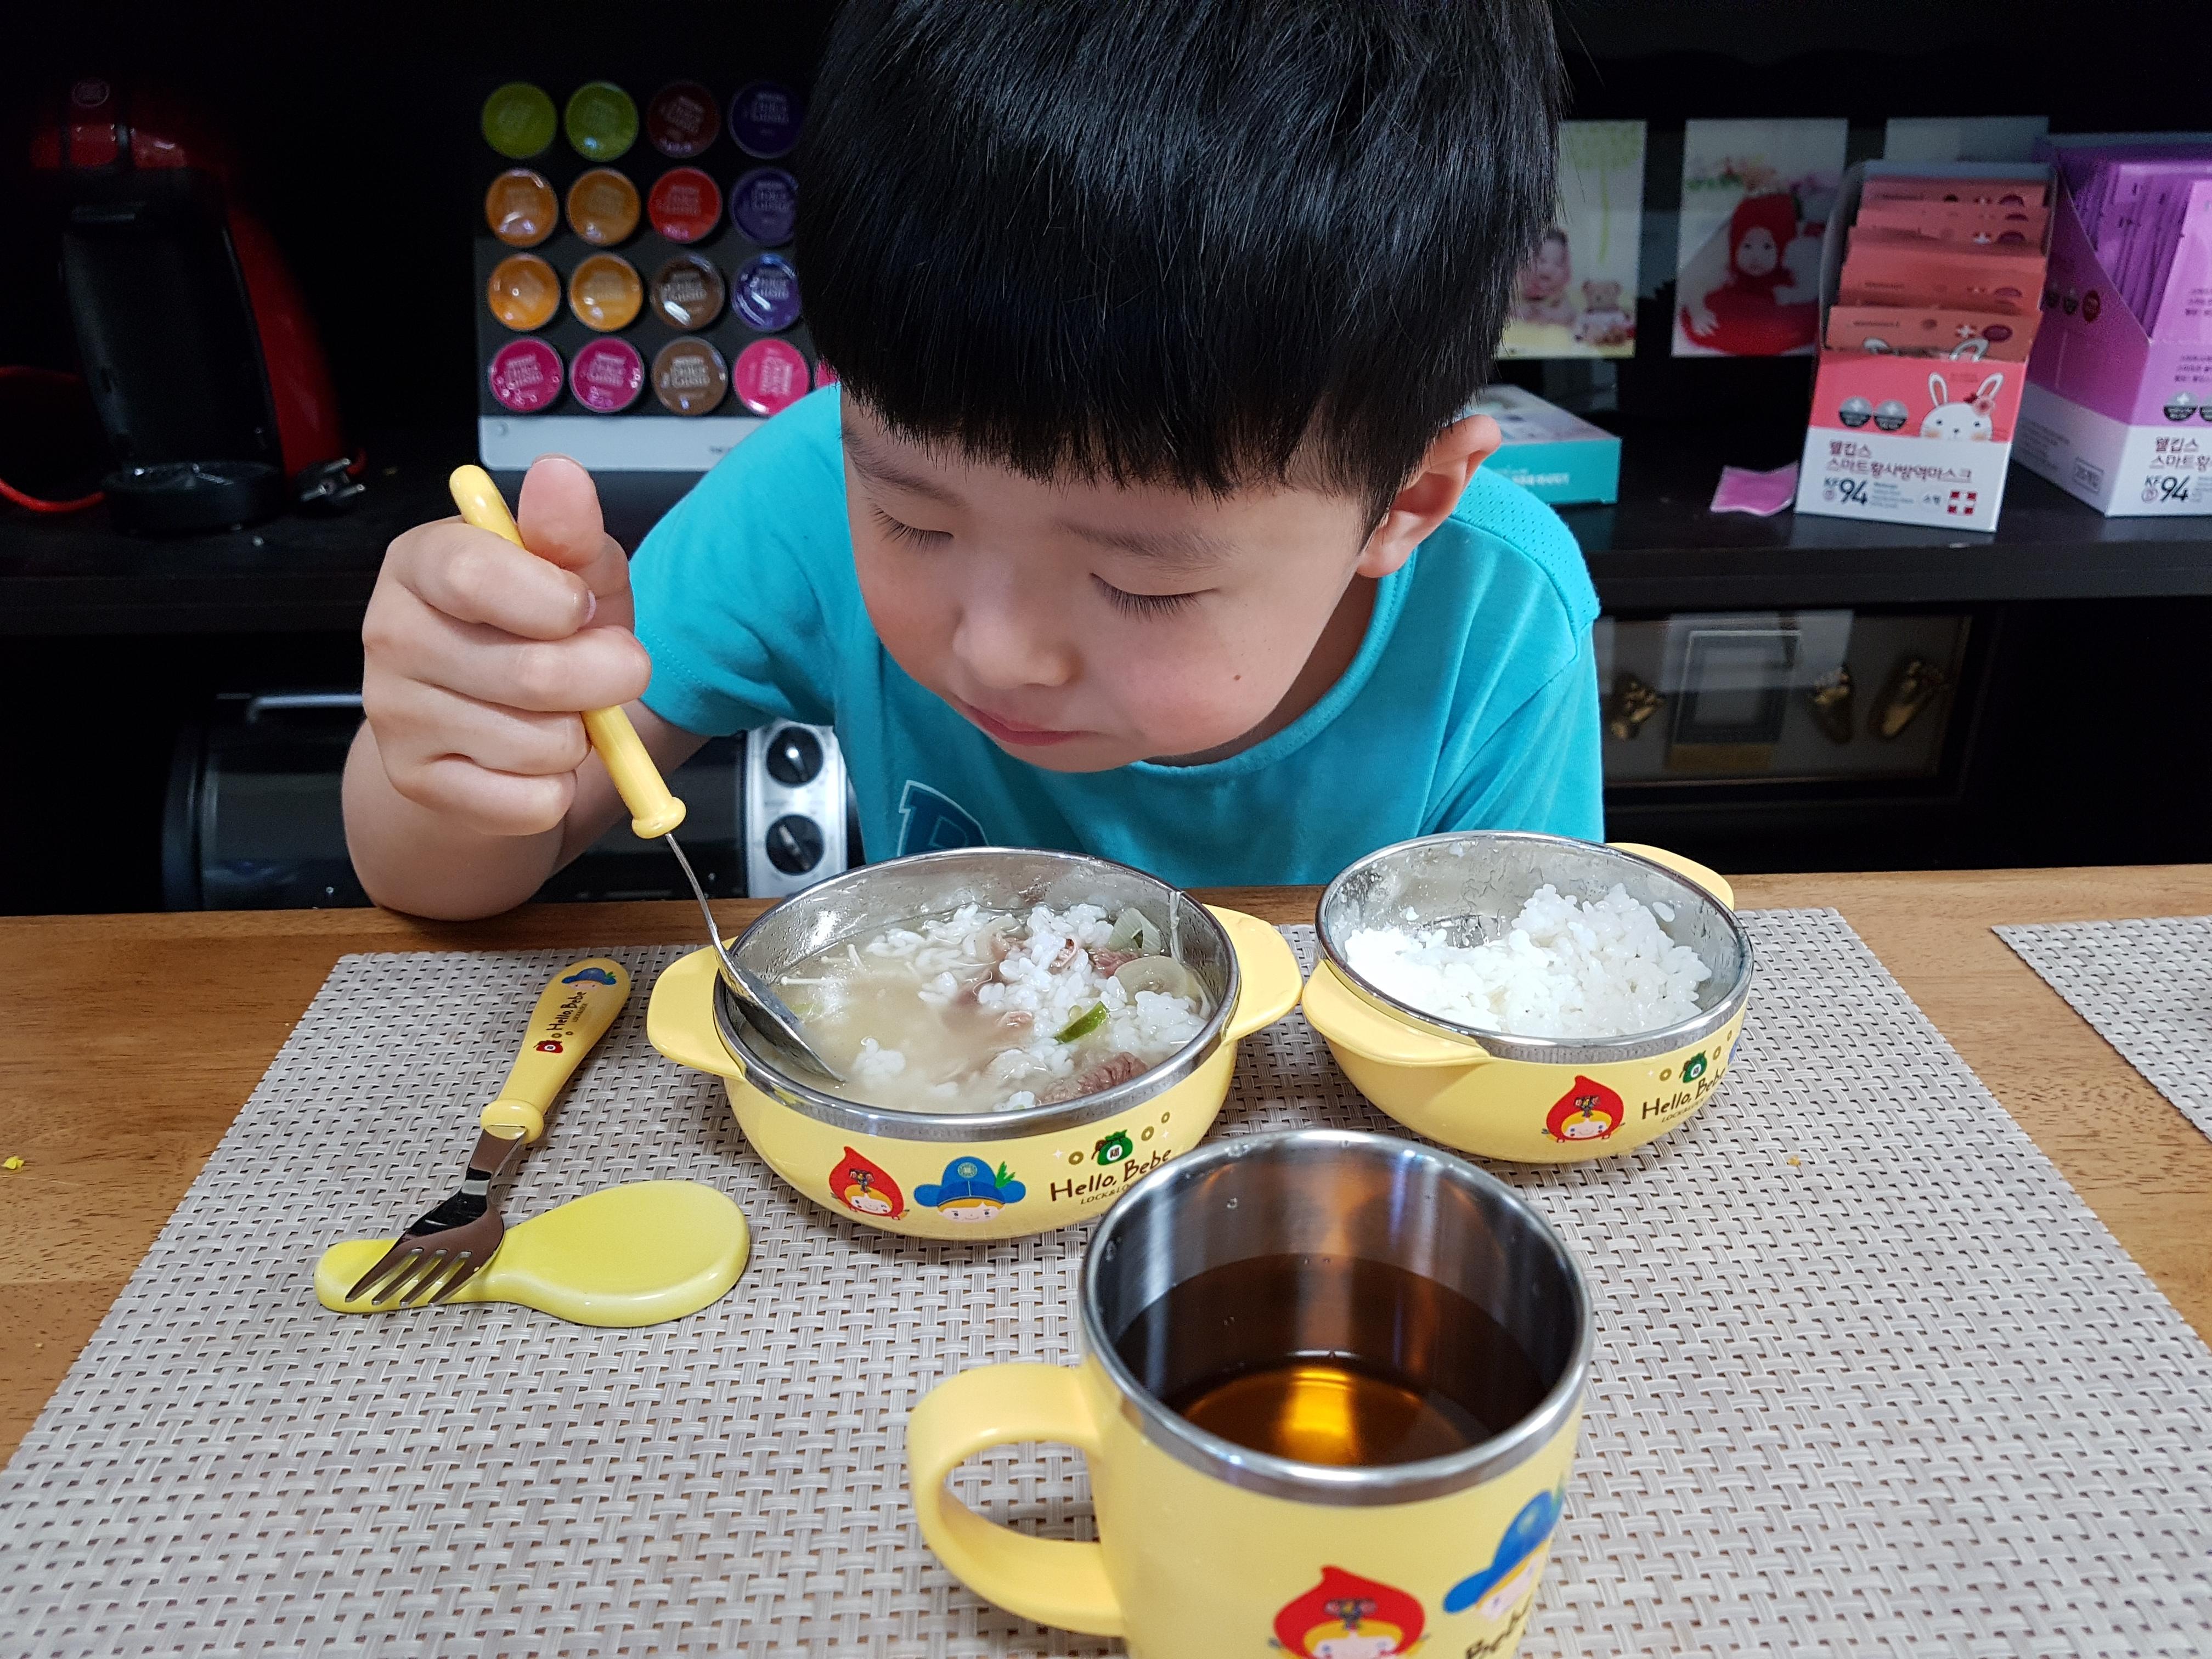 락앤락  헬로베베스텐식기 세트 +  웅진식품 장쾌삼 어린이 홍삼왕 후기